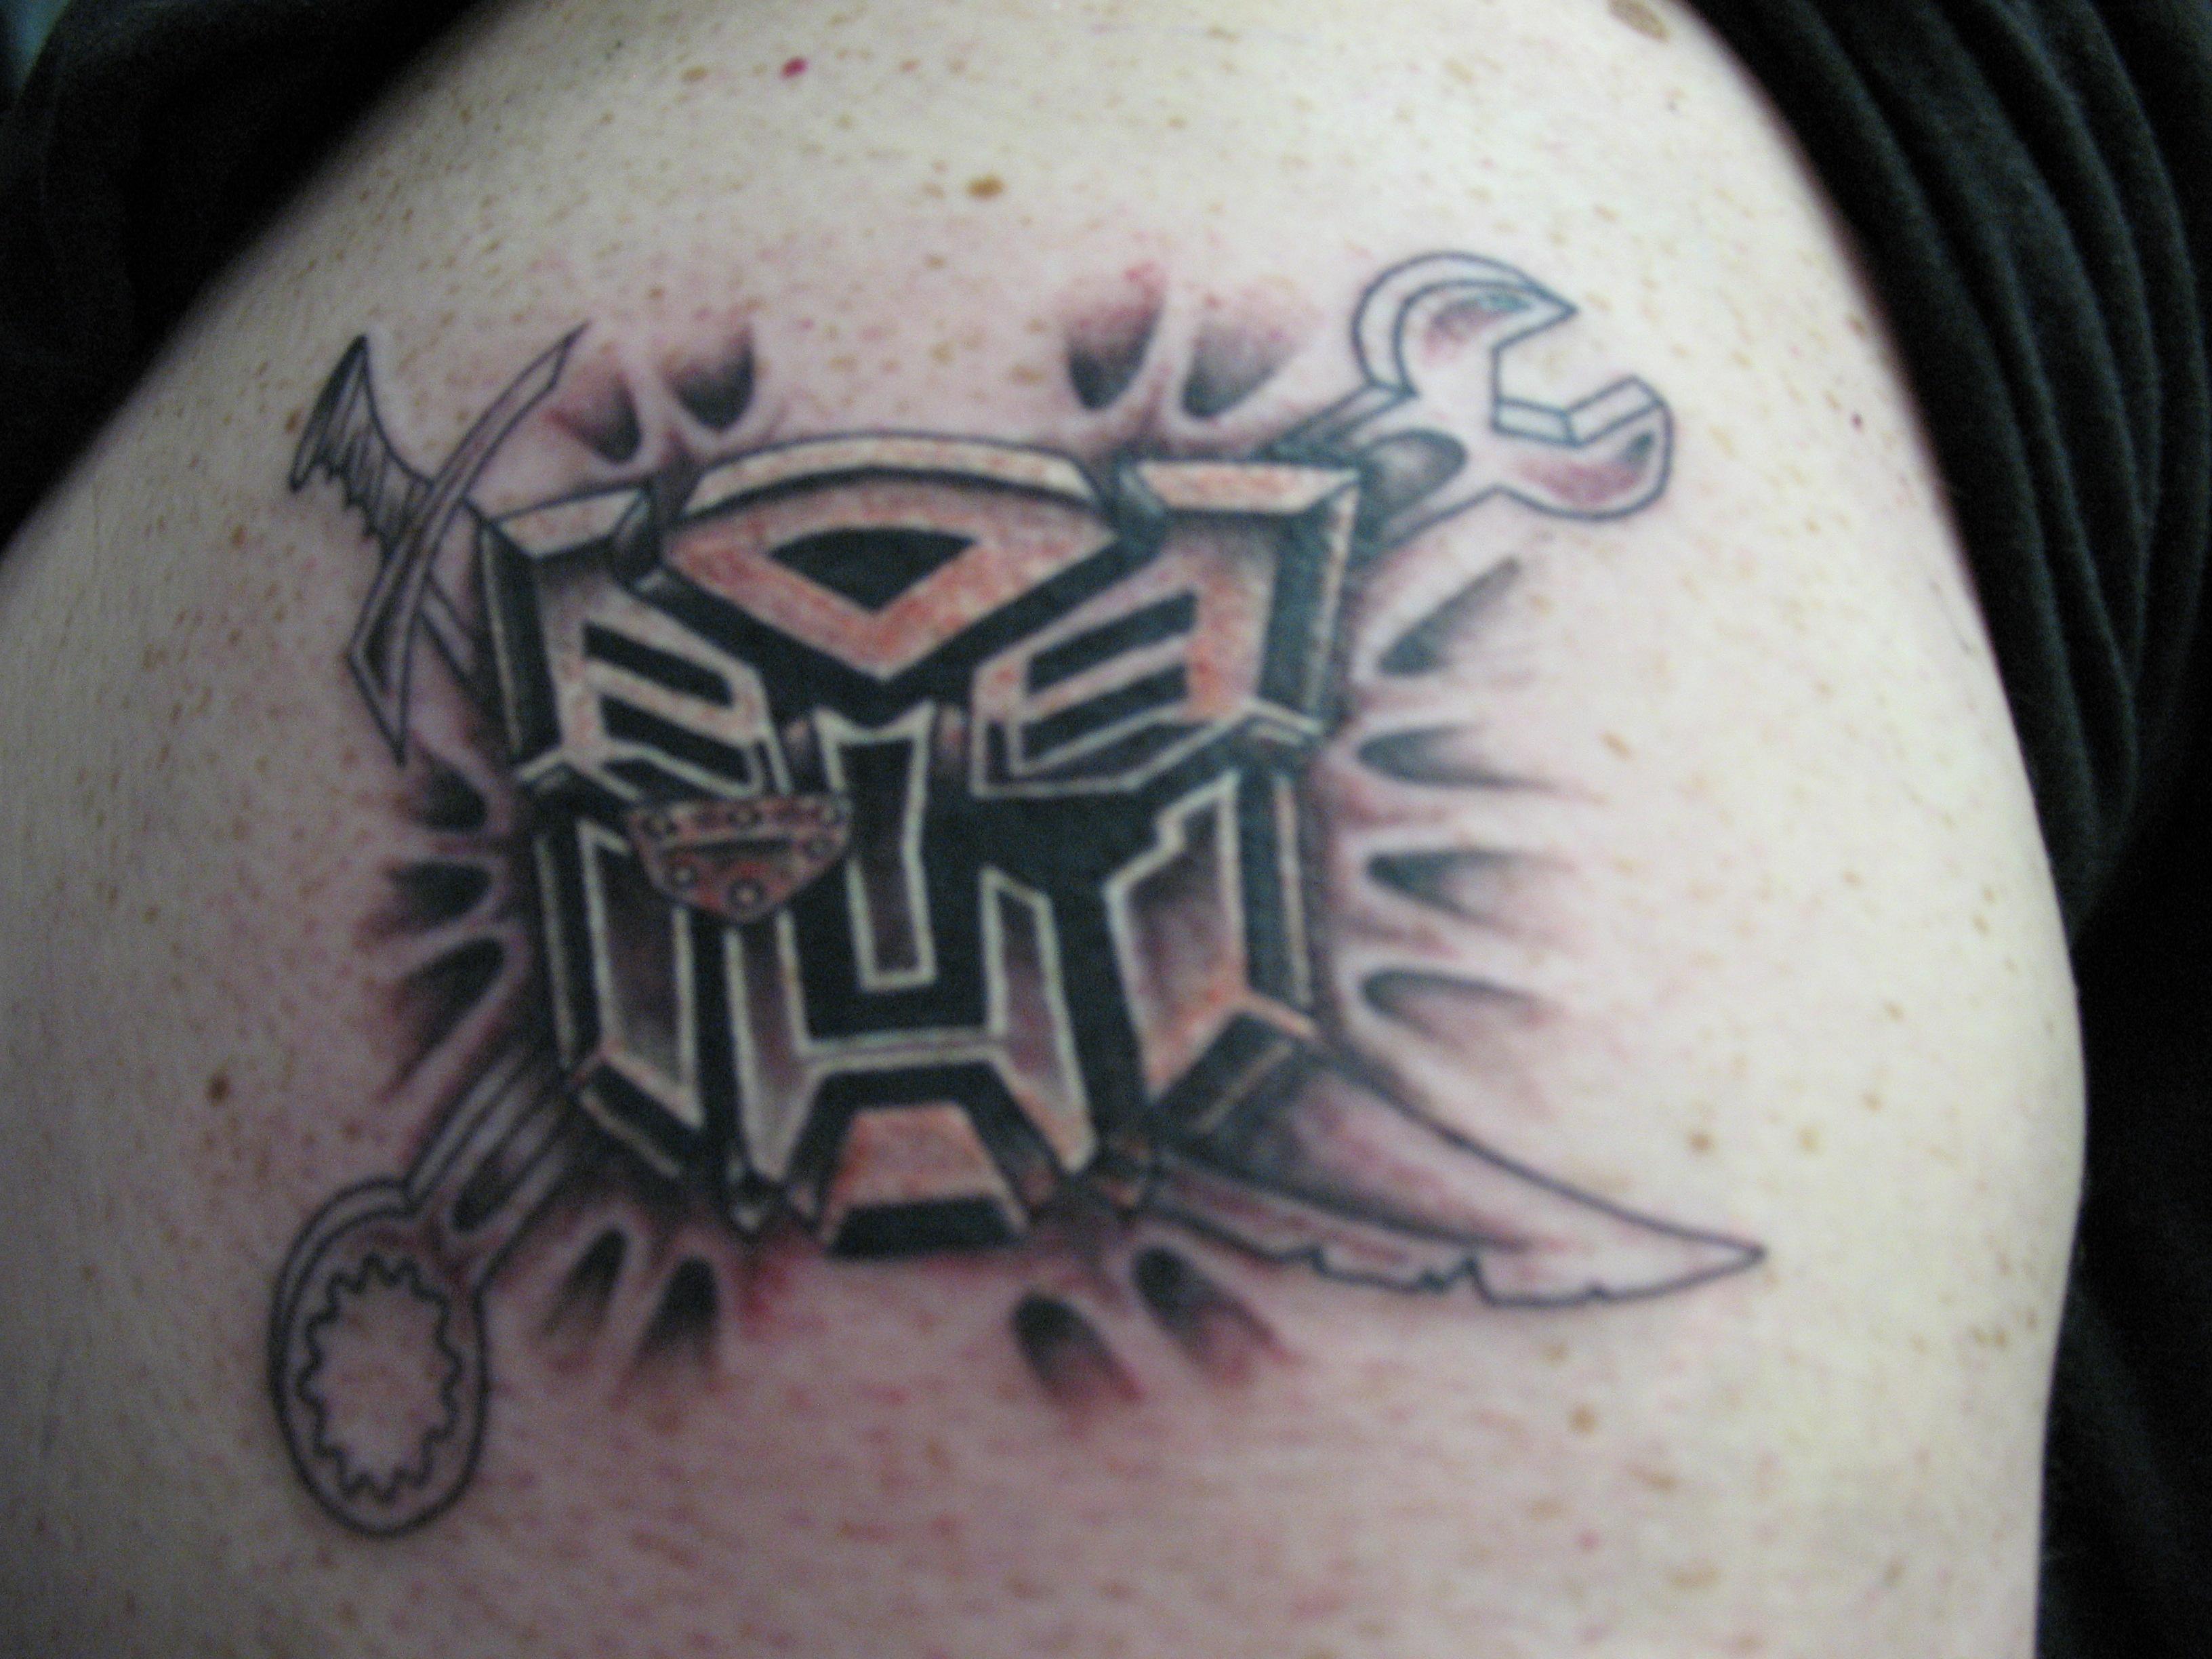 Custom transformers logo tattoo - TattooMagz